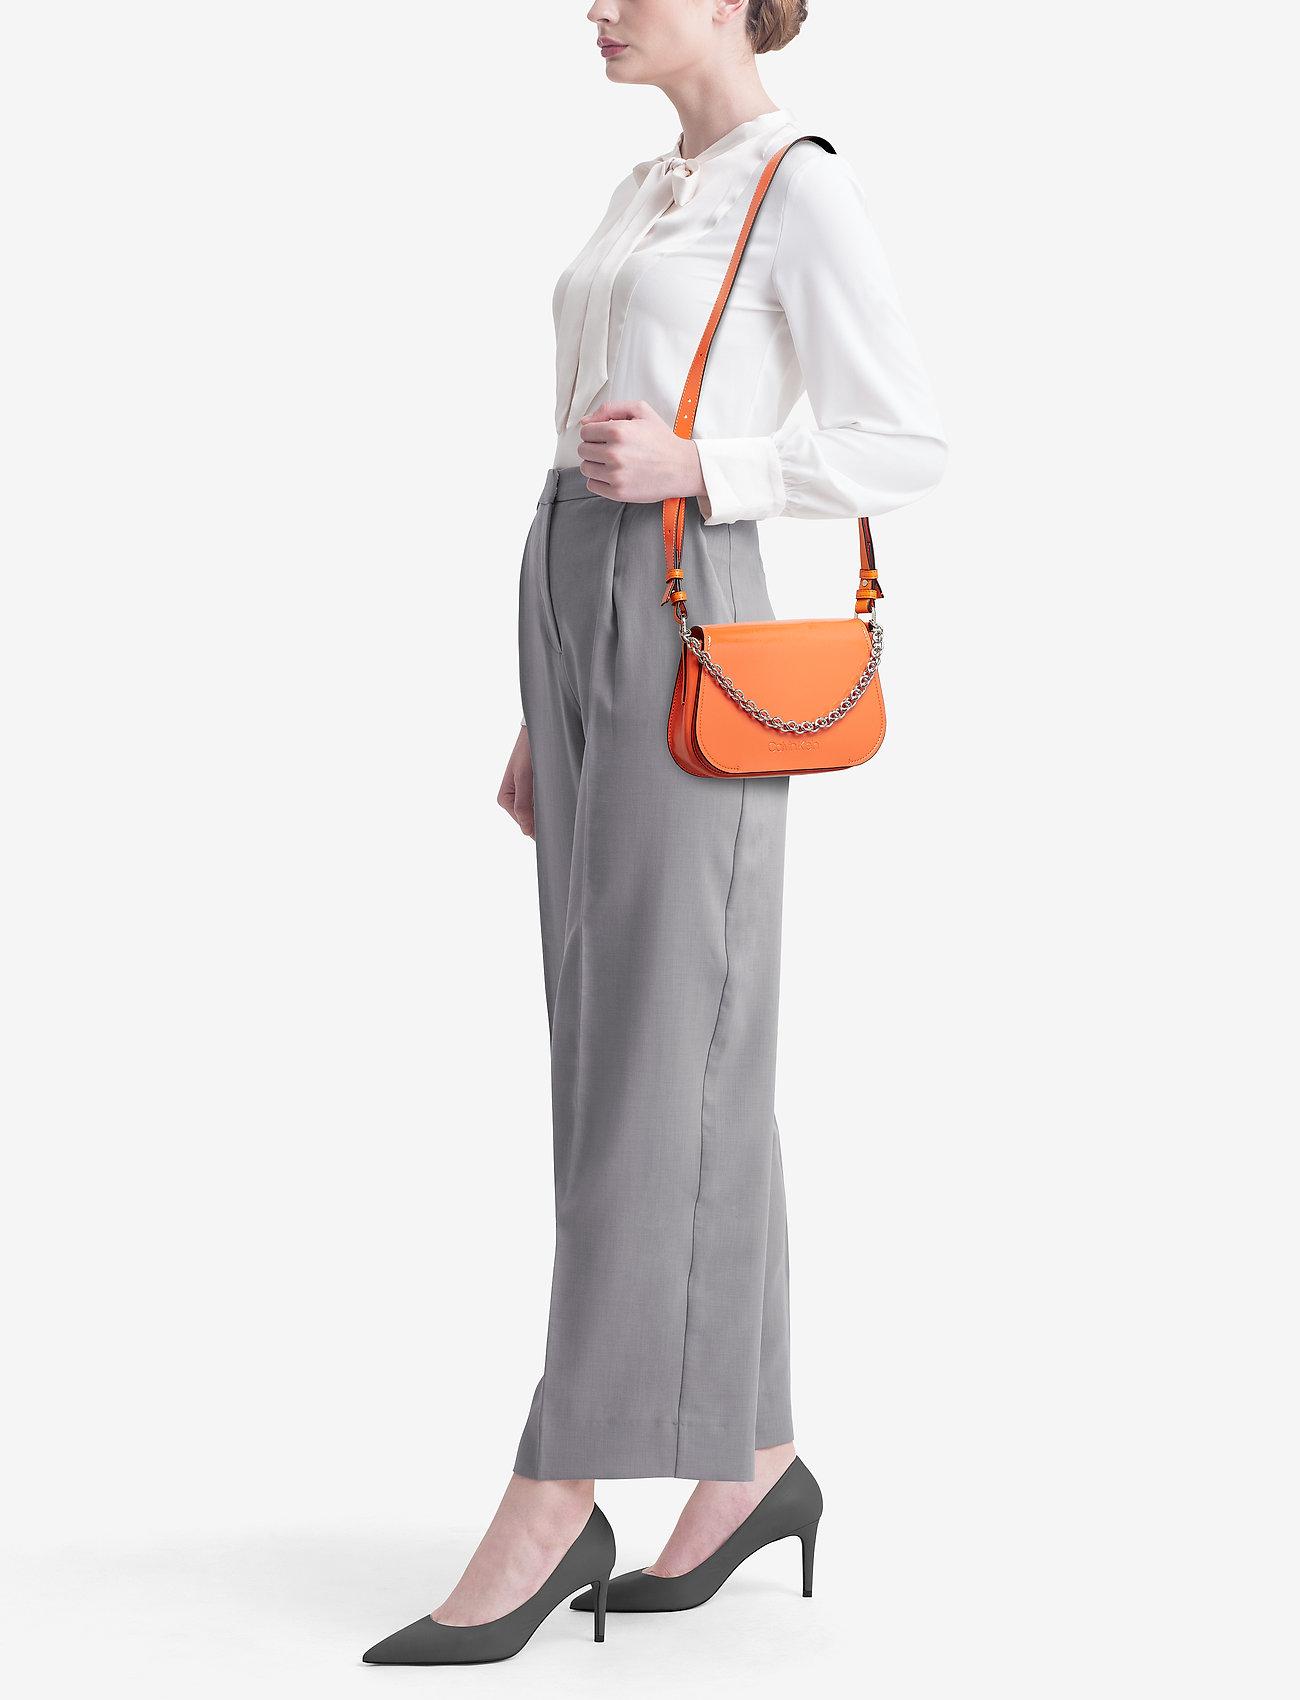 Calvin Klein DRESSED UP SHOULDER BAG - ORANGE PEEL